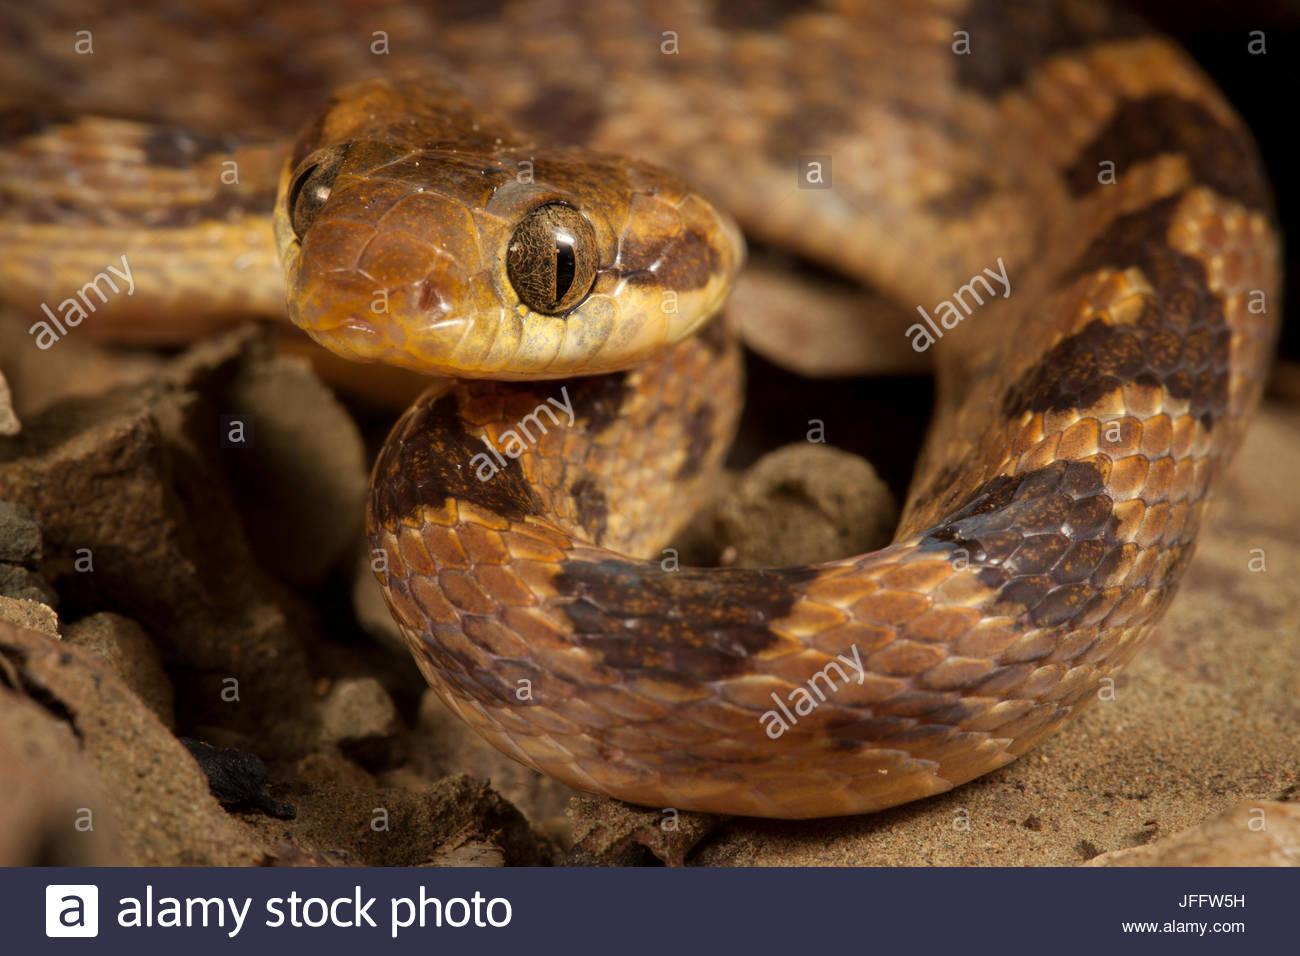 Porträt einer nördlichen Katze-eyed Schlange, Leptodeira Septentrionalis hautnah. Stockbild